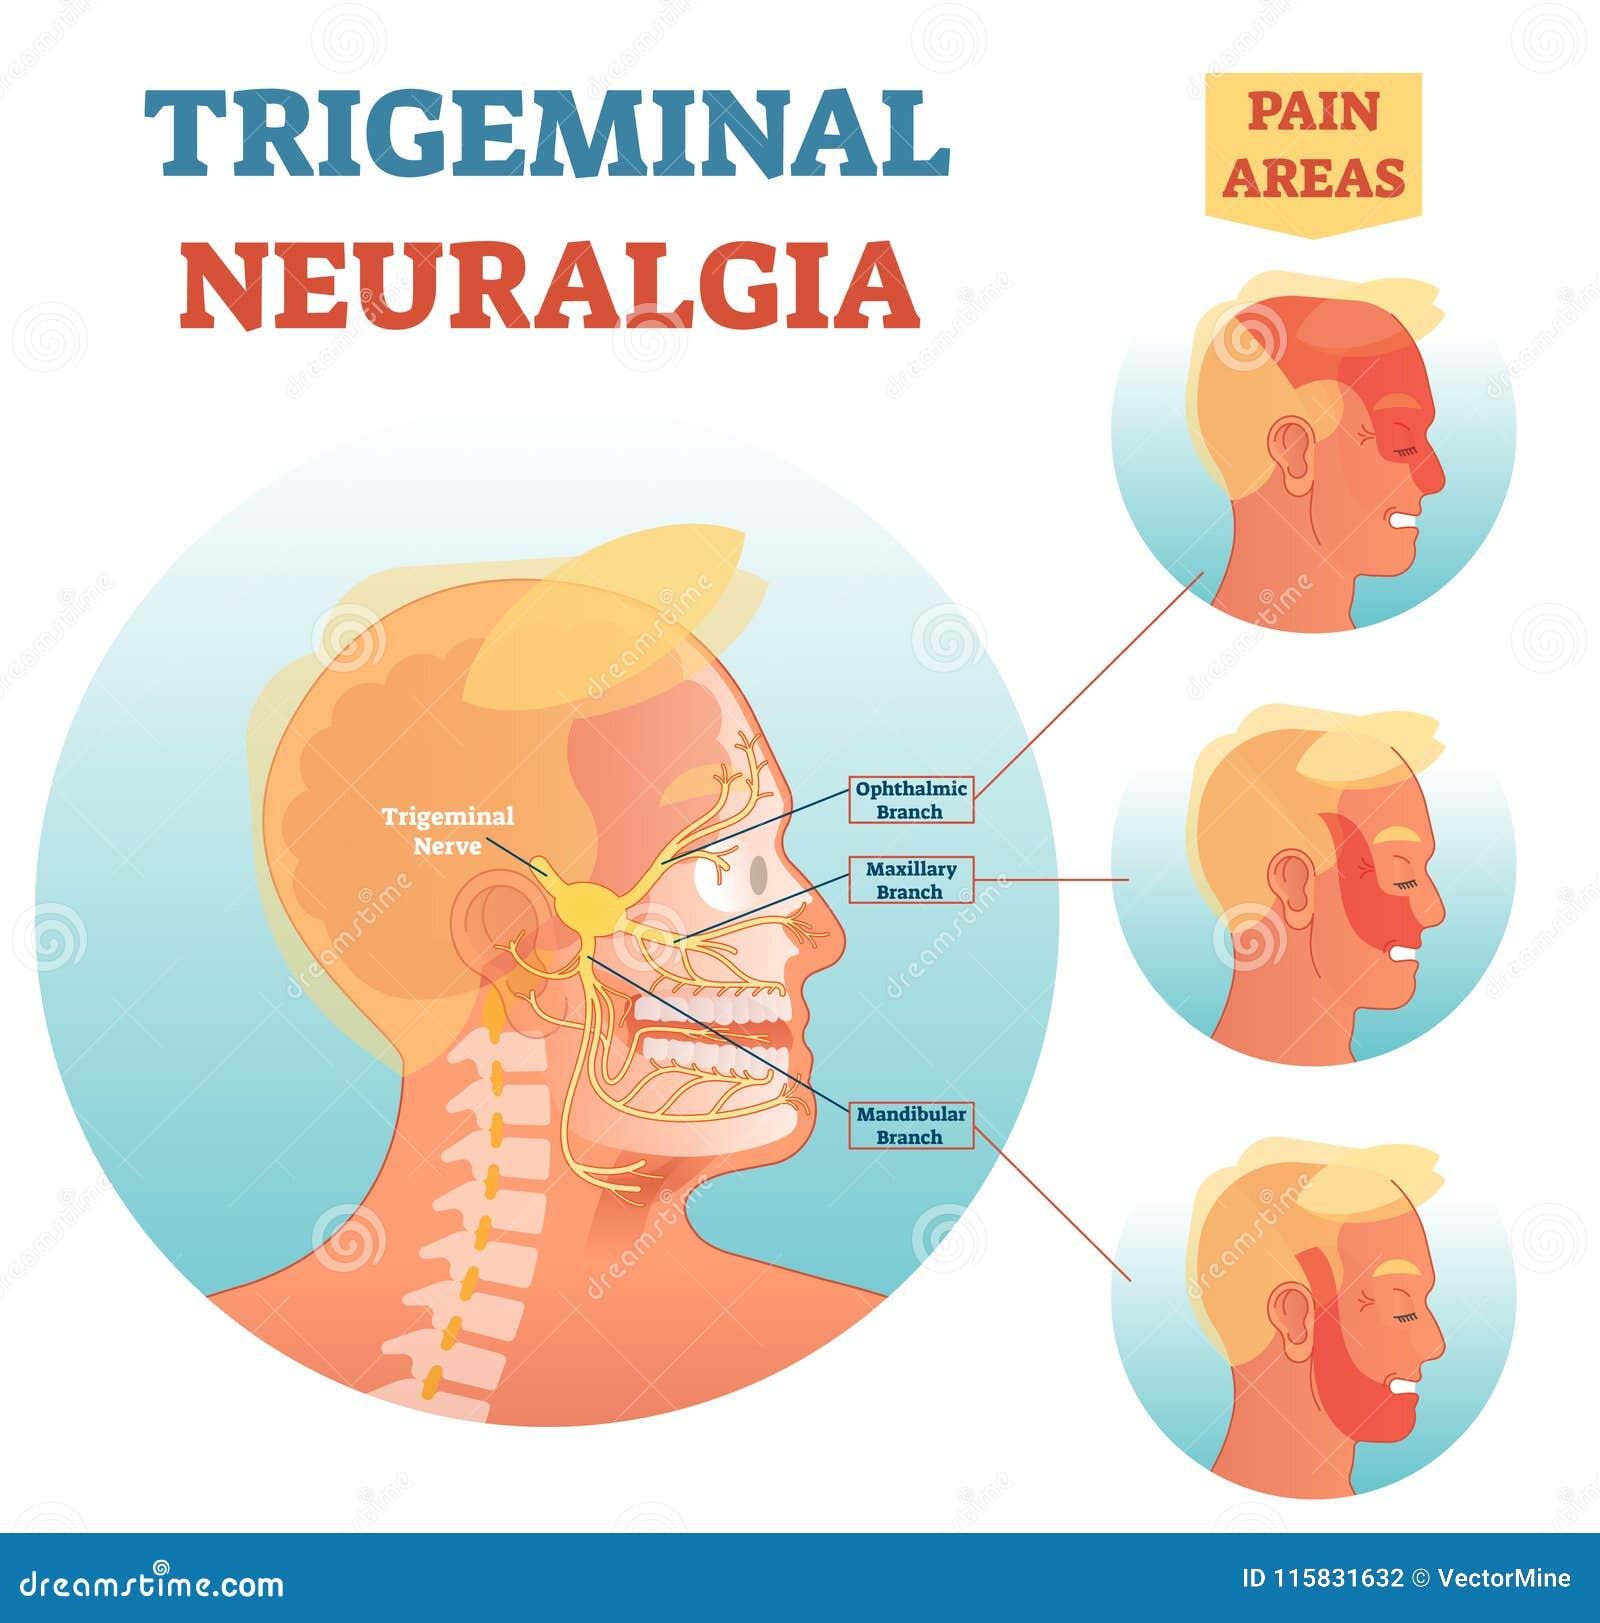 与面部神经网络和痛苦区域的三叉神经痛医疗短剖面解剖学传染媒介例证图